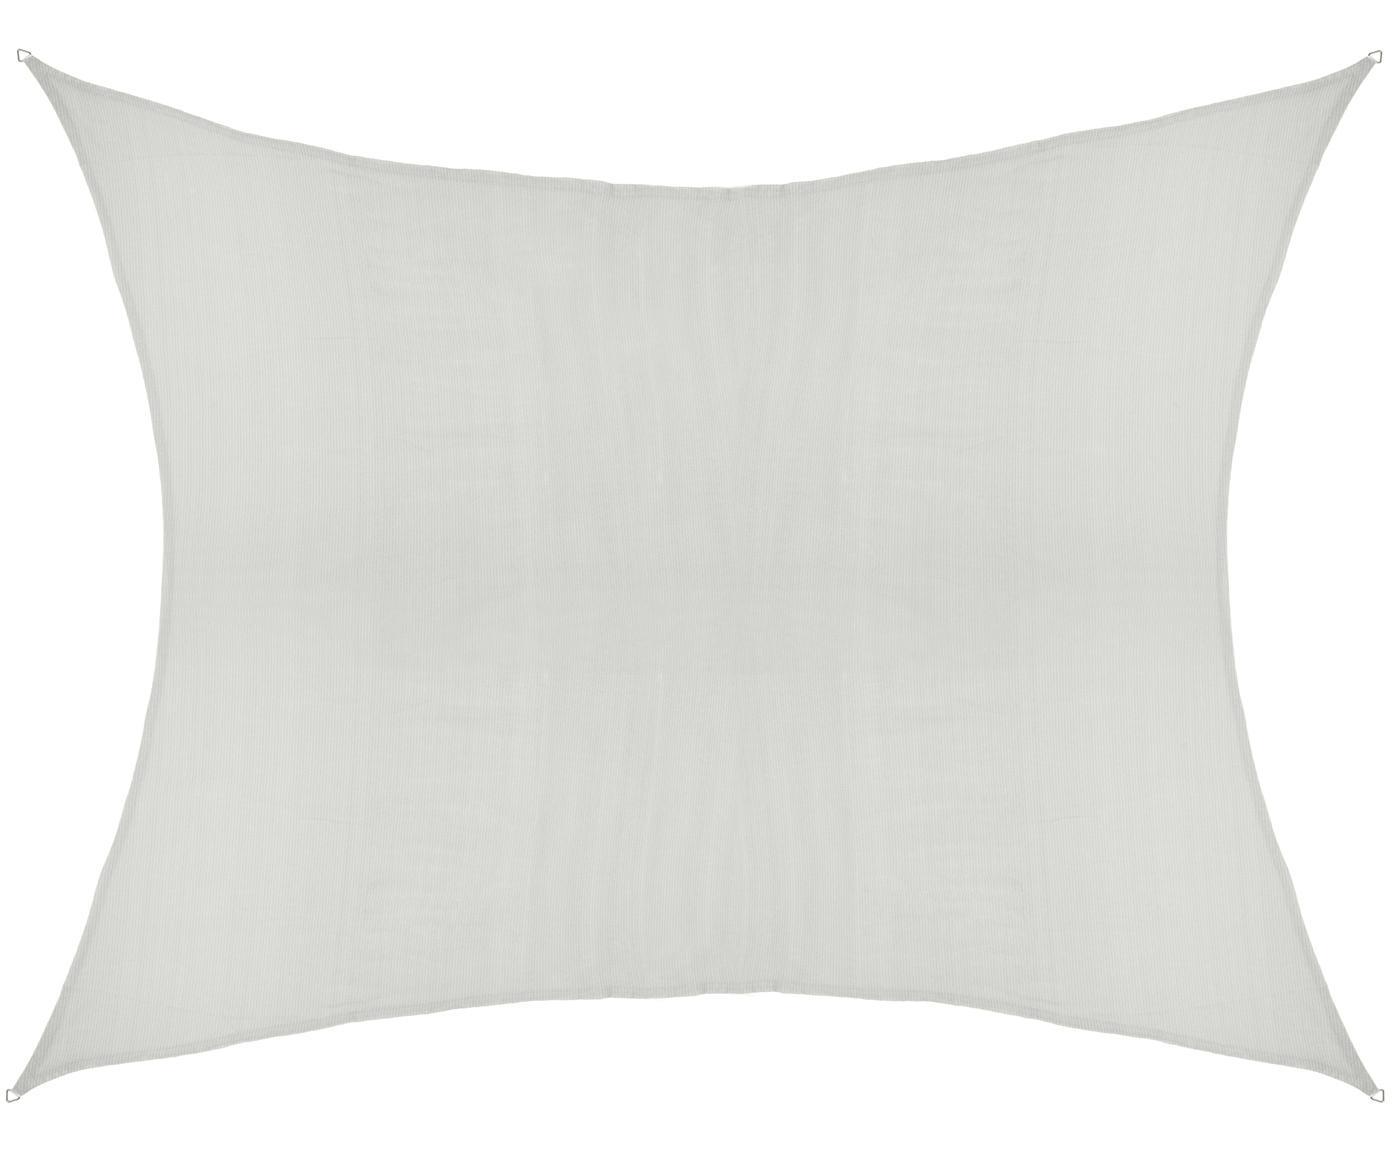 Sonnensegel Hope, Haken: Edelstahl, Weiß, 350 x 500 cm